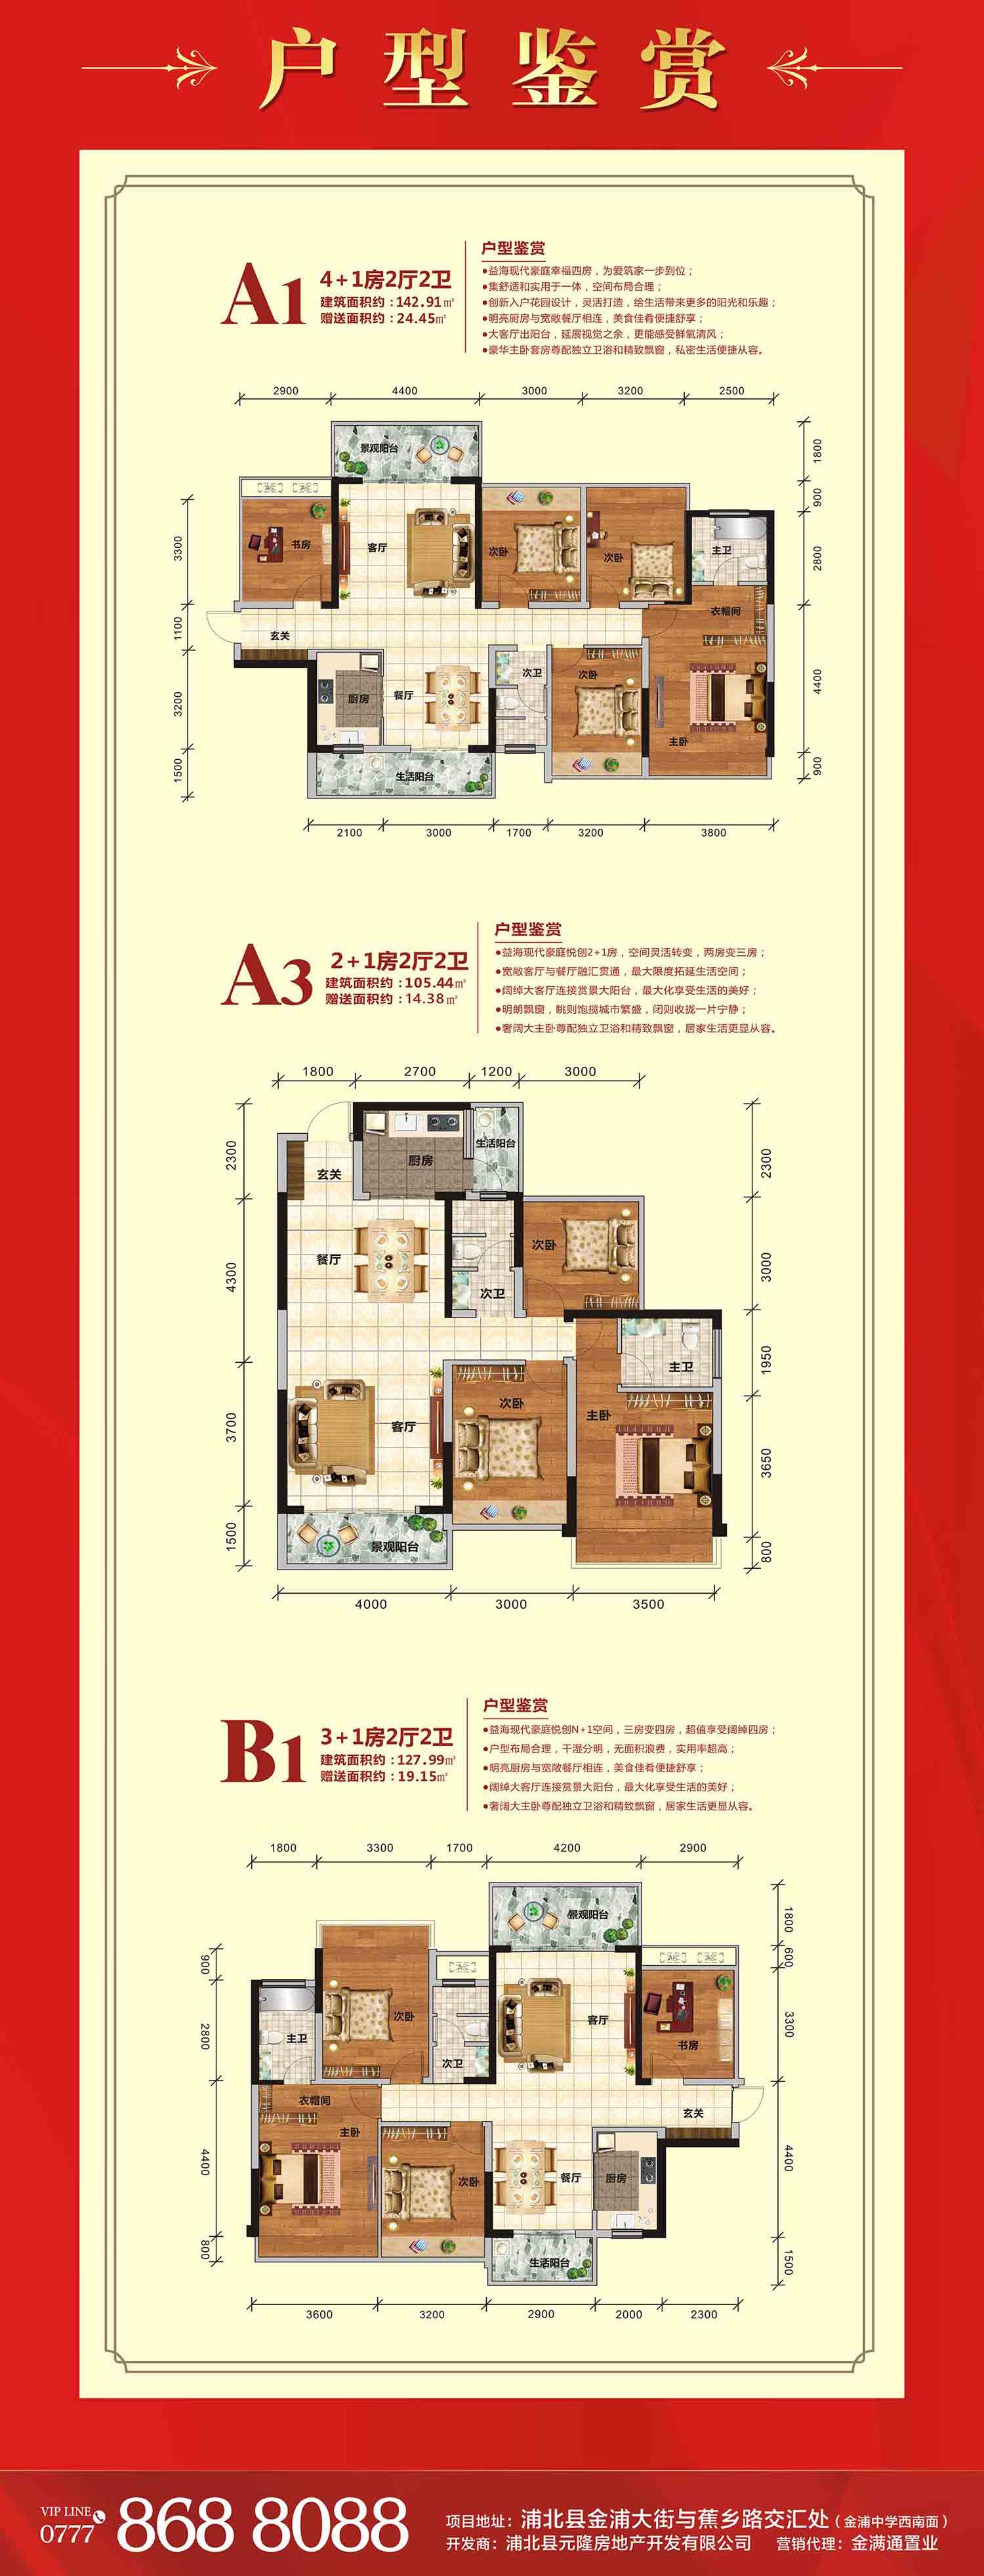 浦北益海·现代豪庭